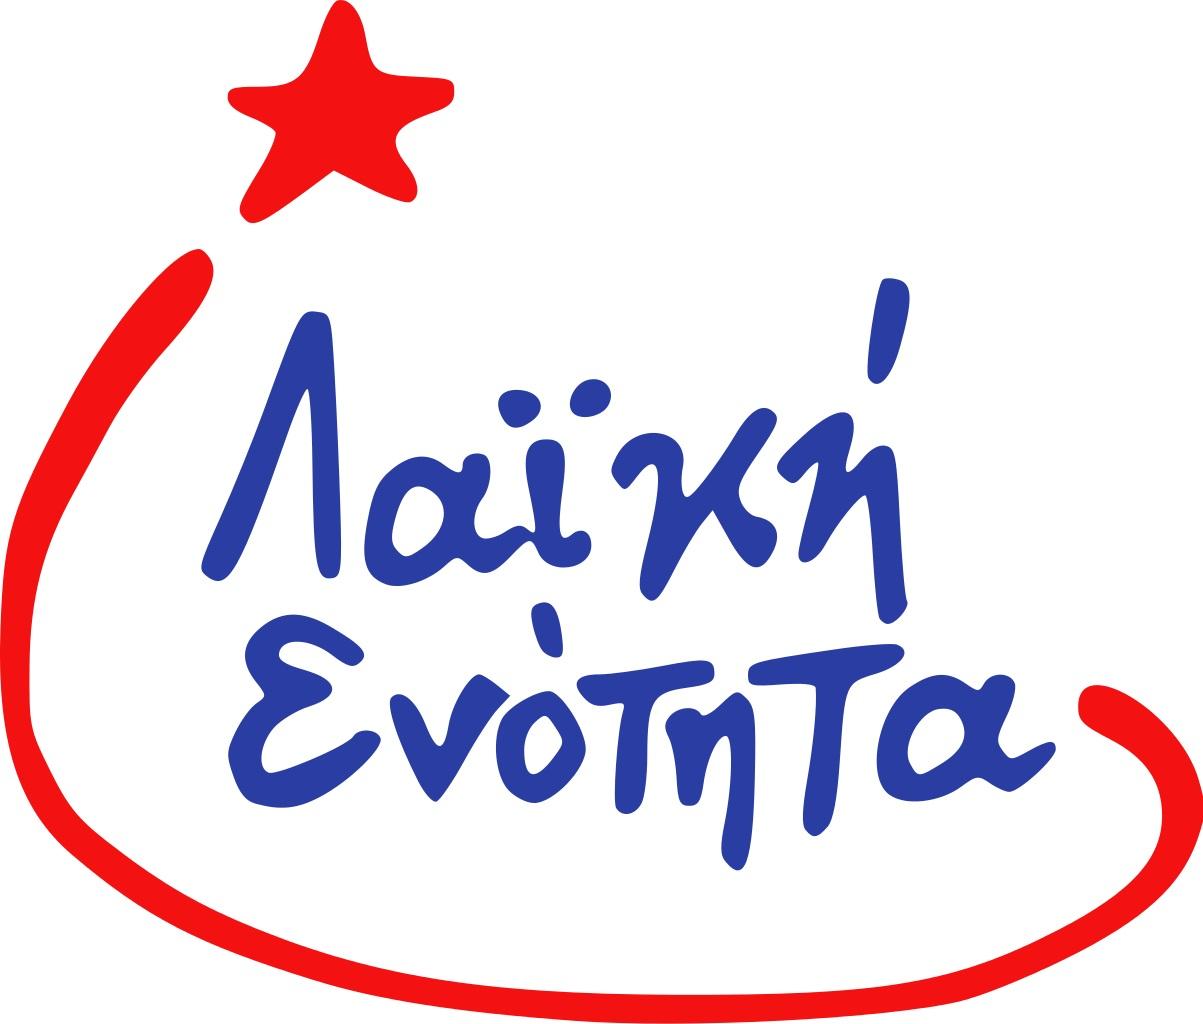 Griekenland. Waar staat die nieuwe linkse partij 'Volkseenheid' voor?